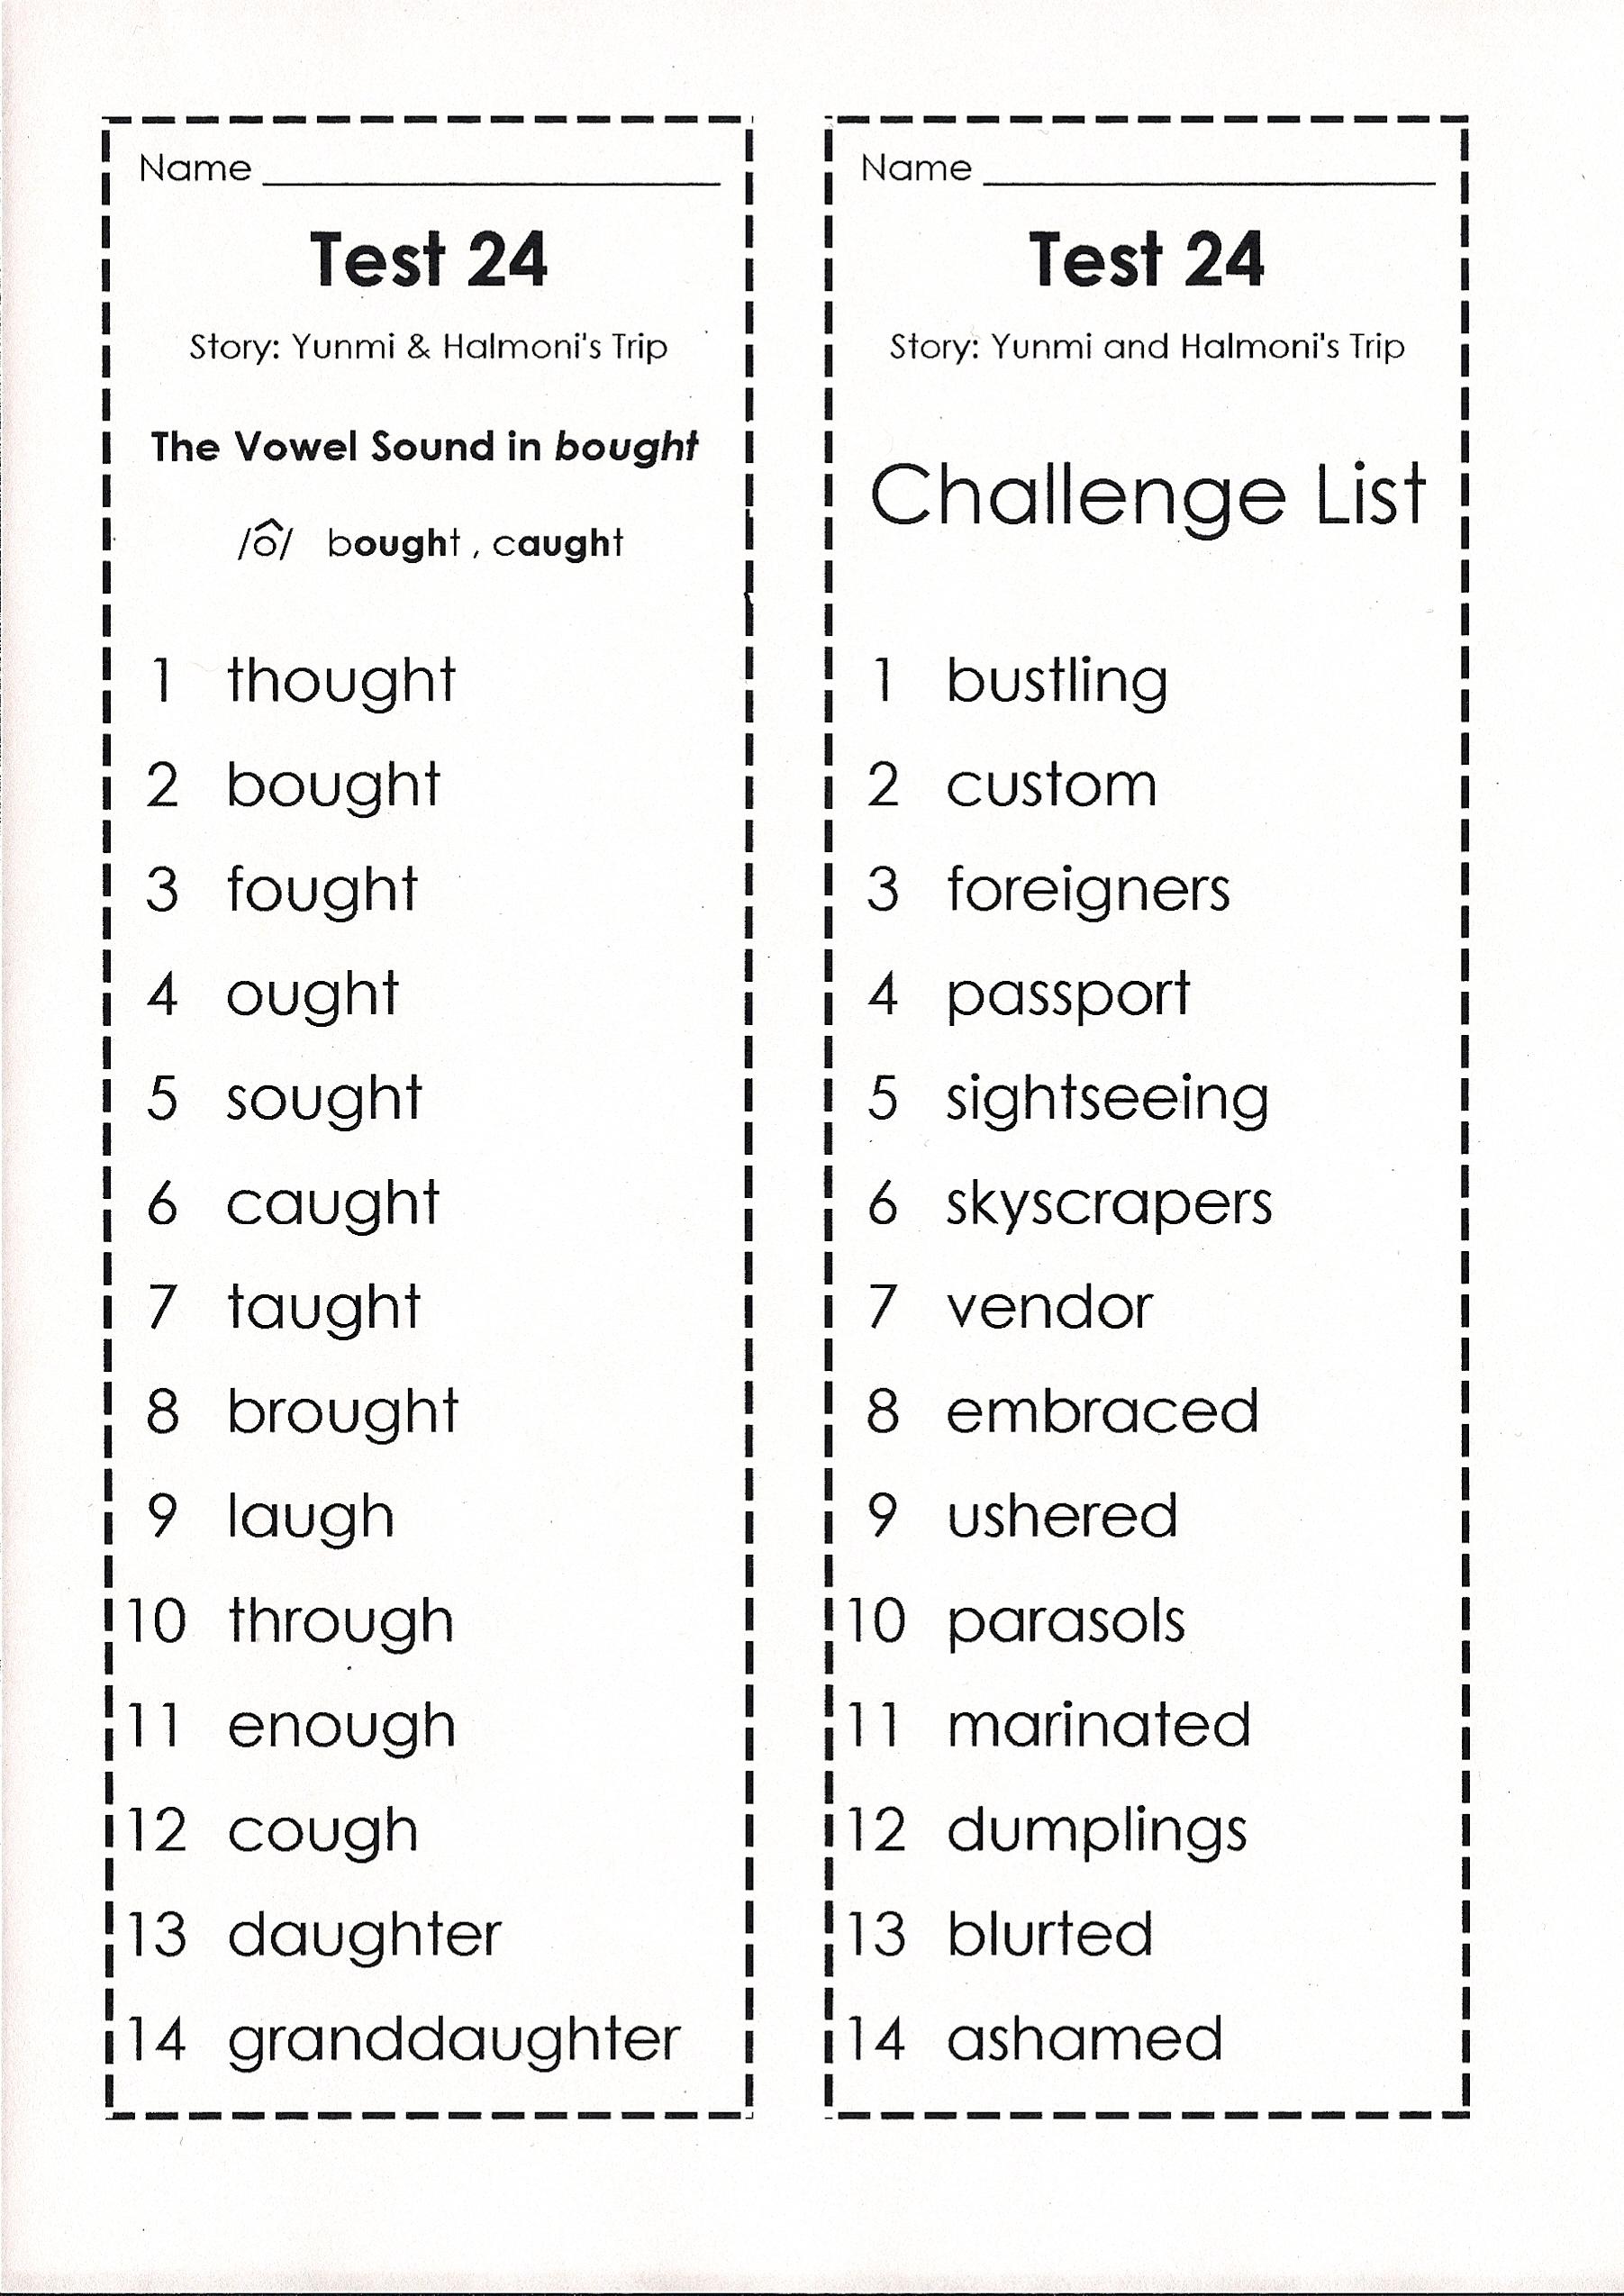 Worksheet Speling Word goodale johnna spelling words test 24